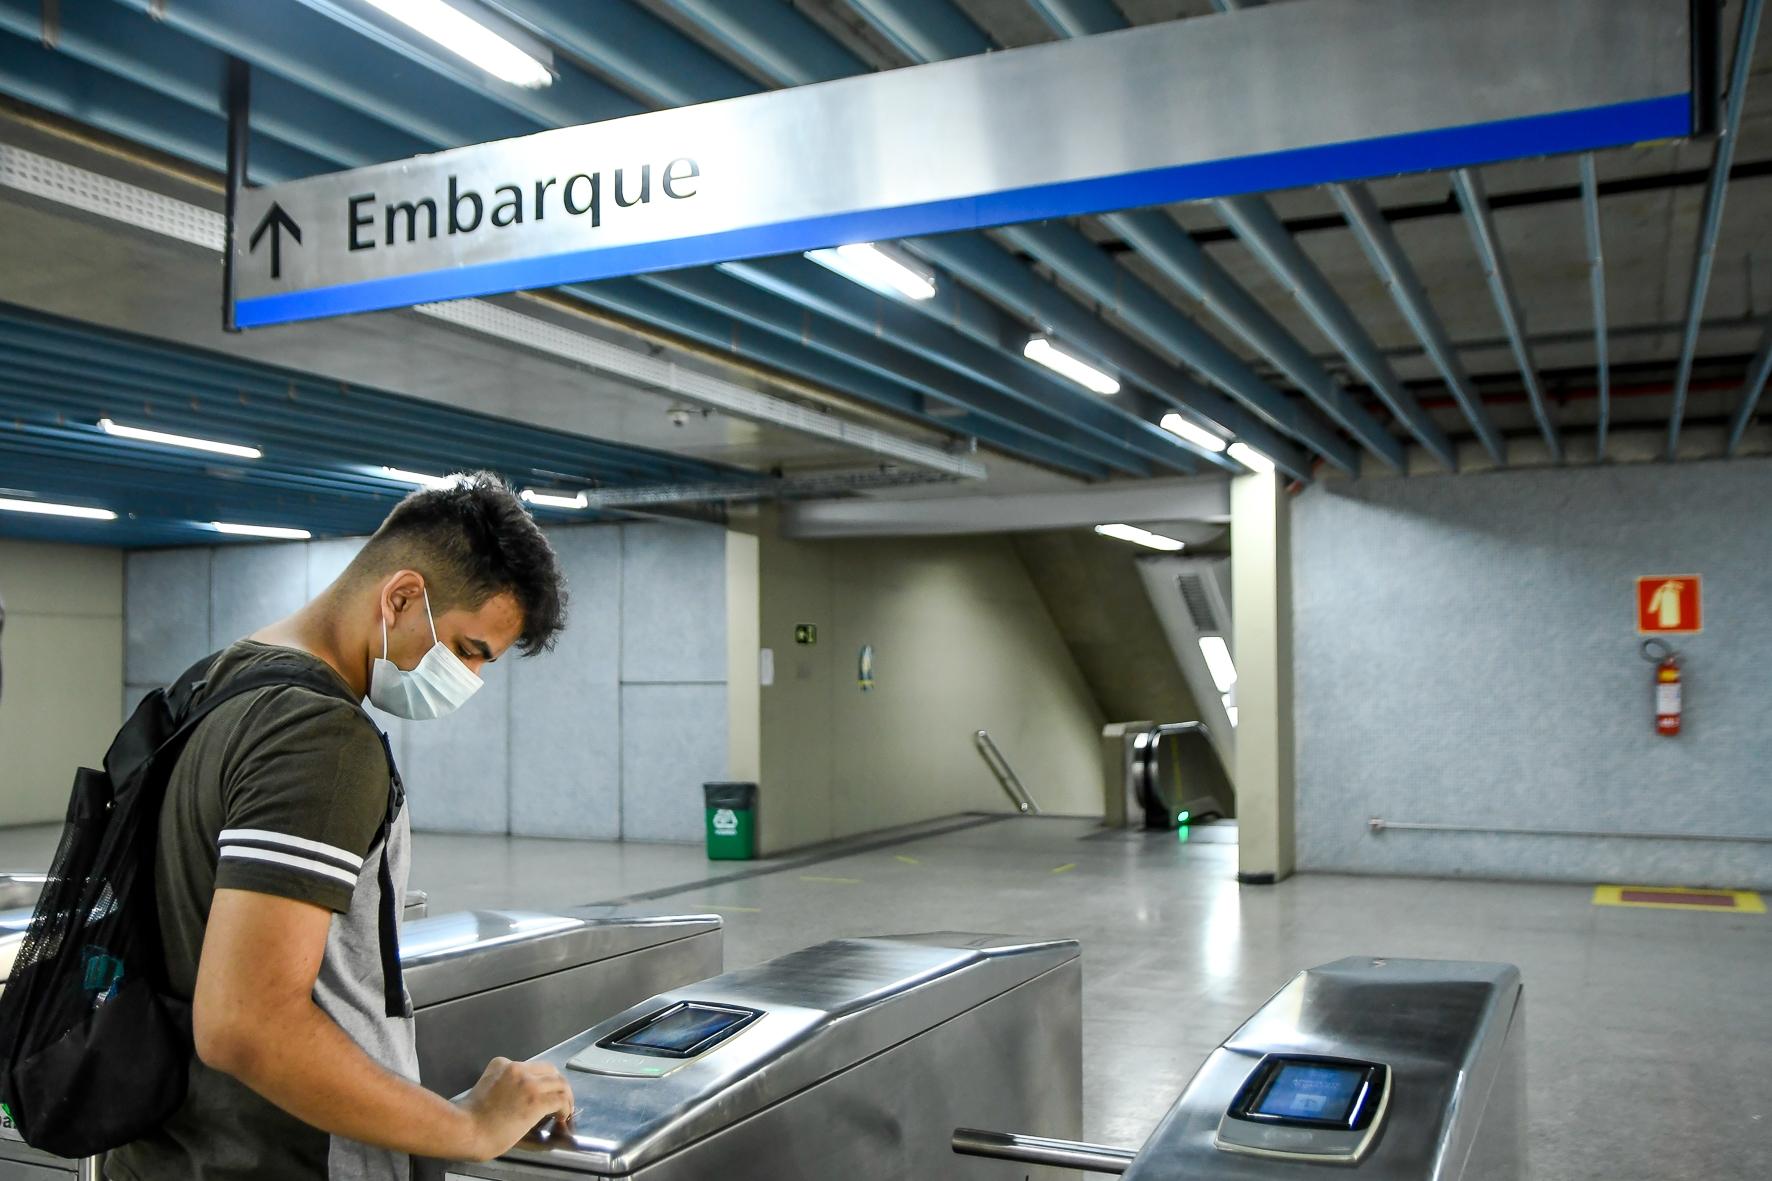 Estudantes tem prazo até 31 de outubro para revalidar meia passagem no Metrô.